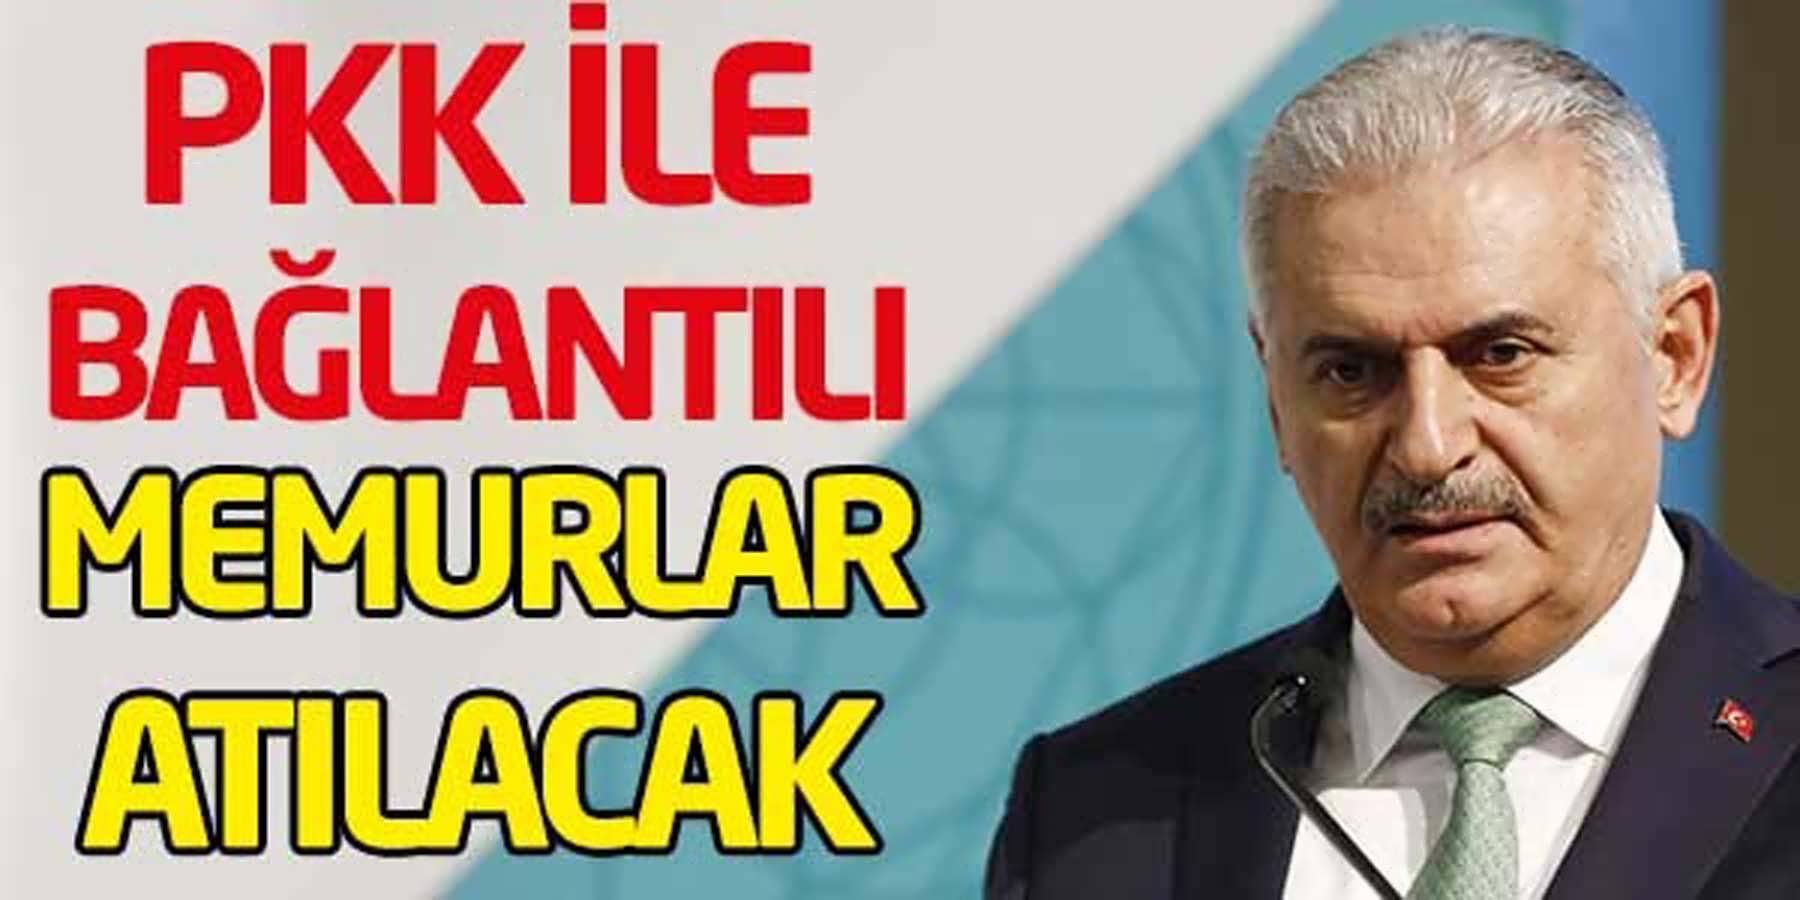 PKK İle Bağlantılı Memurlar Atılacak